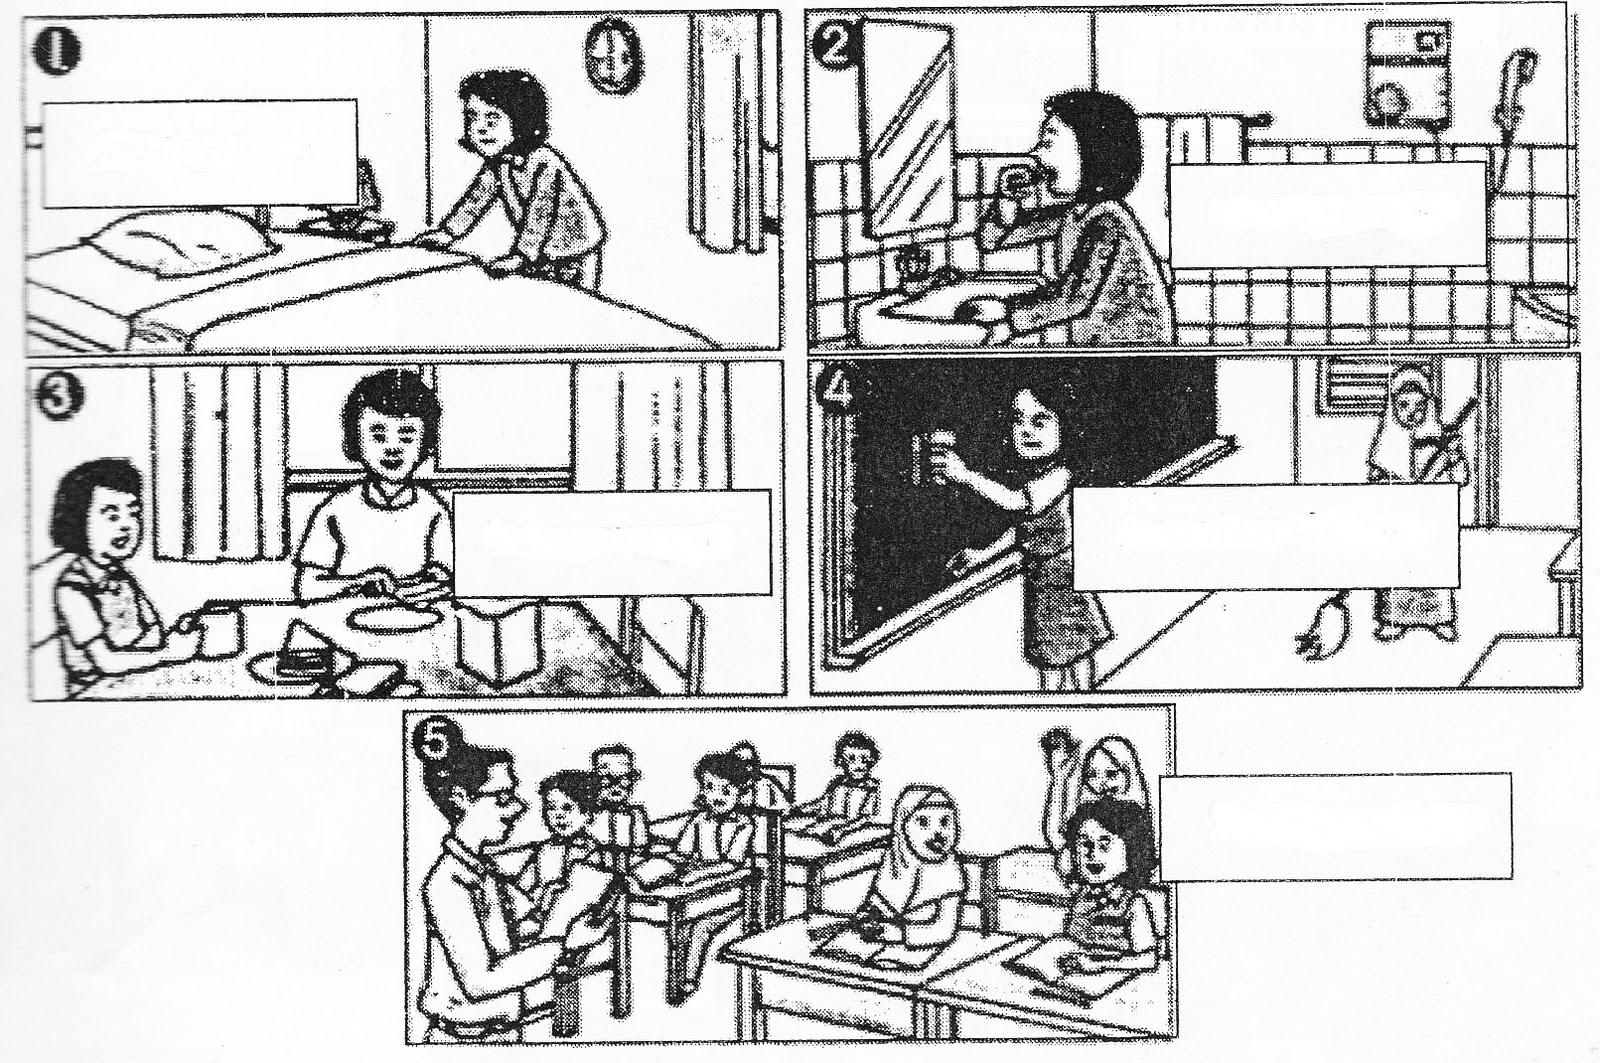 Gambar Kartun Keluarga Membersihkan Rumah Lingkungan Contoh Gambar Menjaga Kebersihan